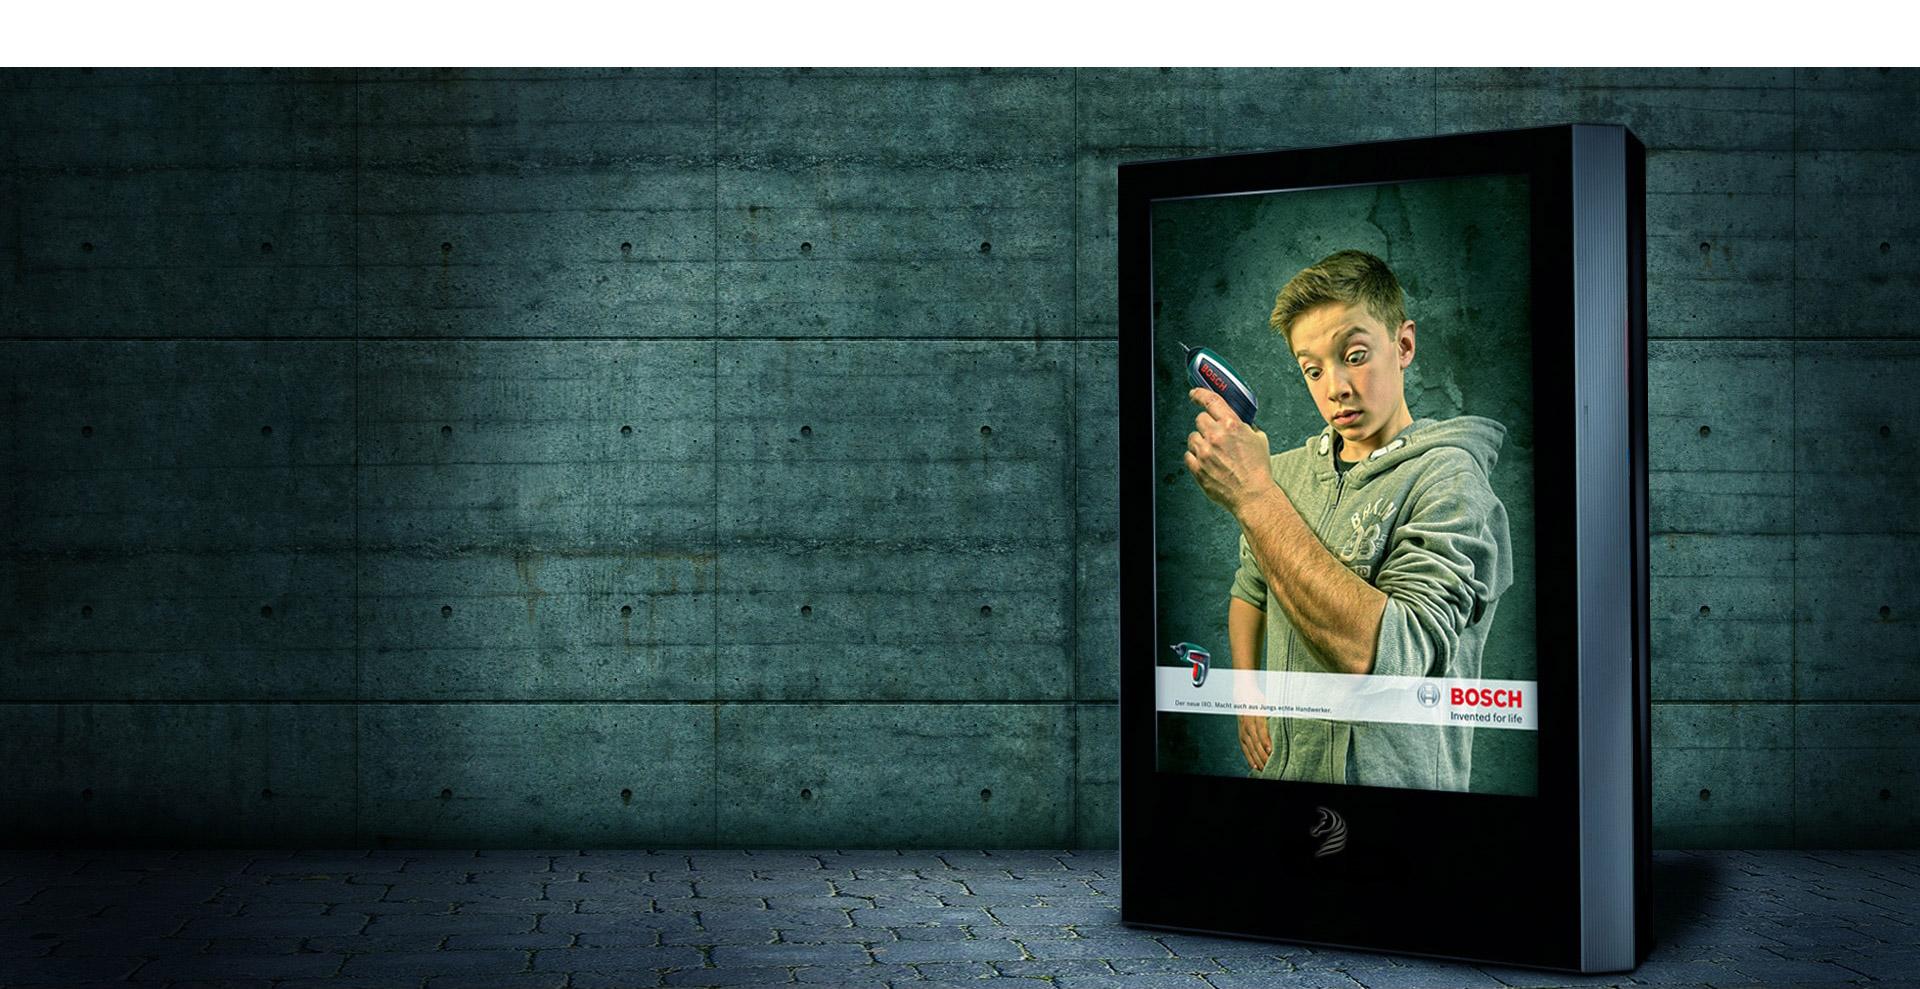 Kreative Werbung - Kampagnenmotiv eines Plakat Displays für den Bosch IXO Akkuschrauber